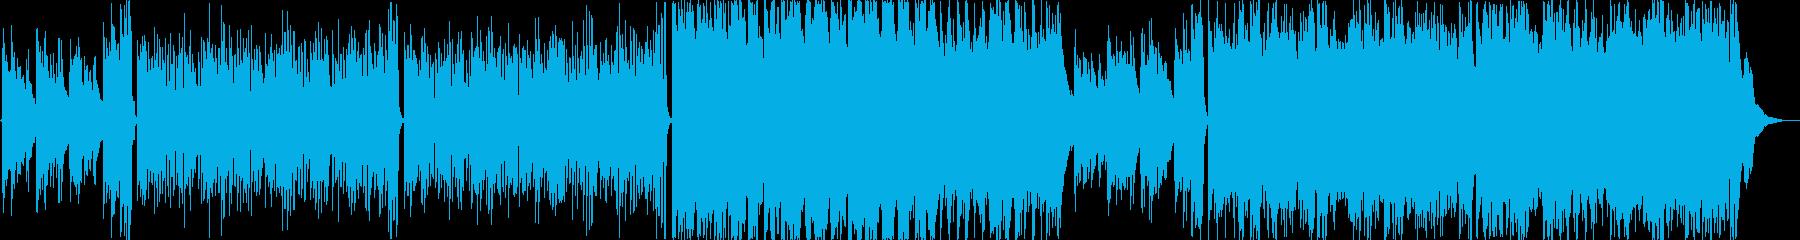 暖かくさわやかなアコギによるインストの再生済みの波形